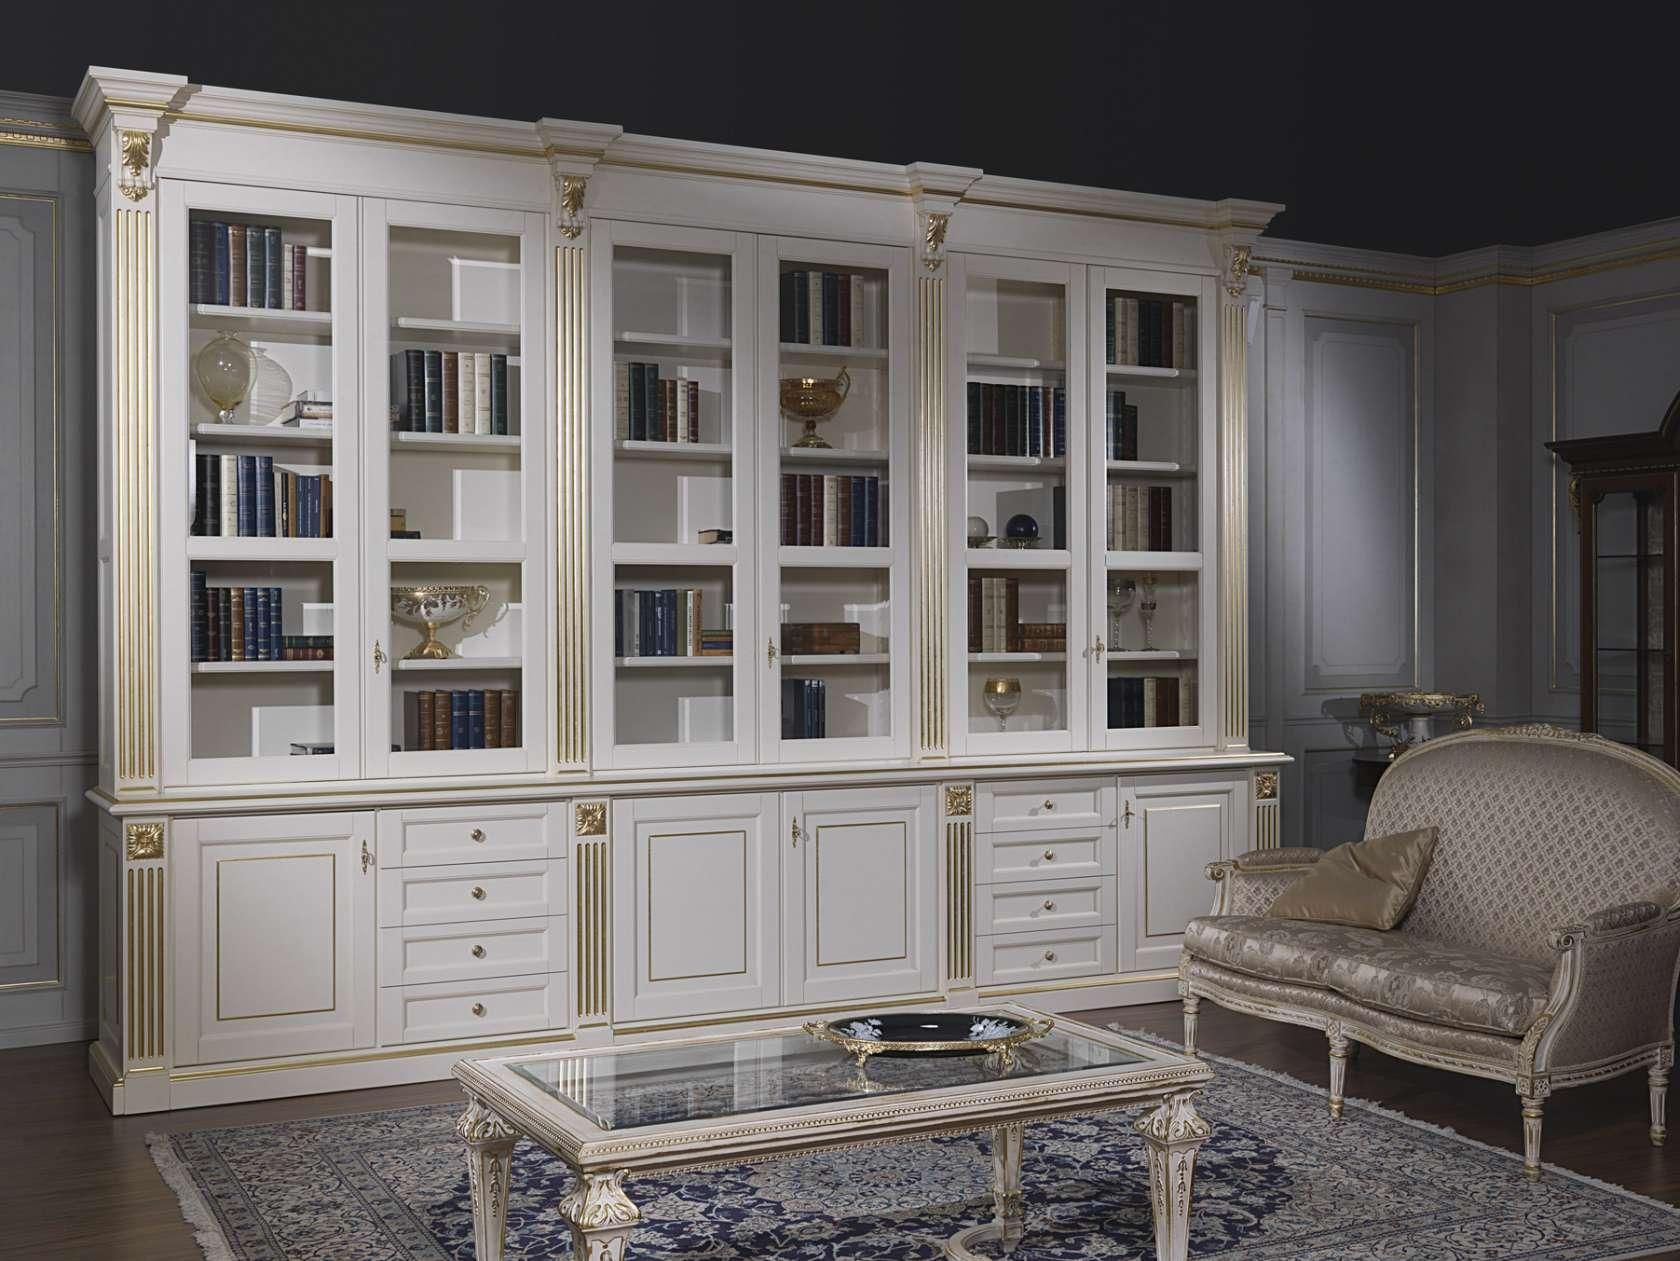 Soggiorno classico una grande libreria di lusso vimercati meda - Mobili soggiorno classico ...